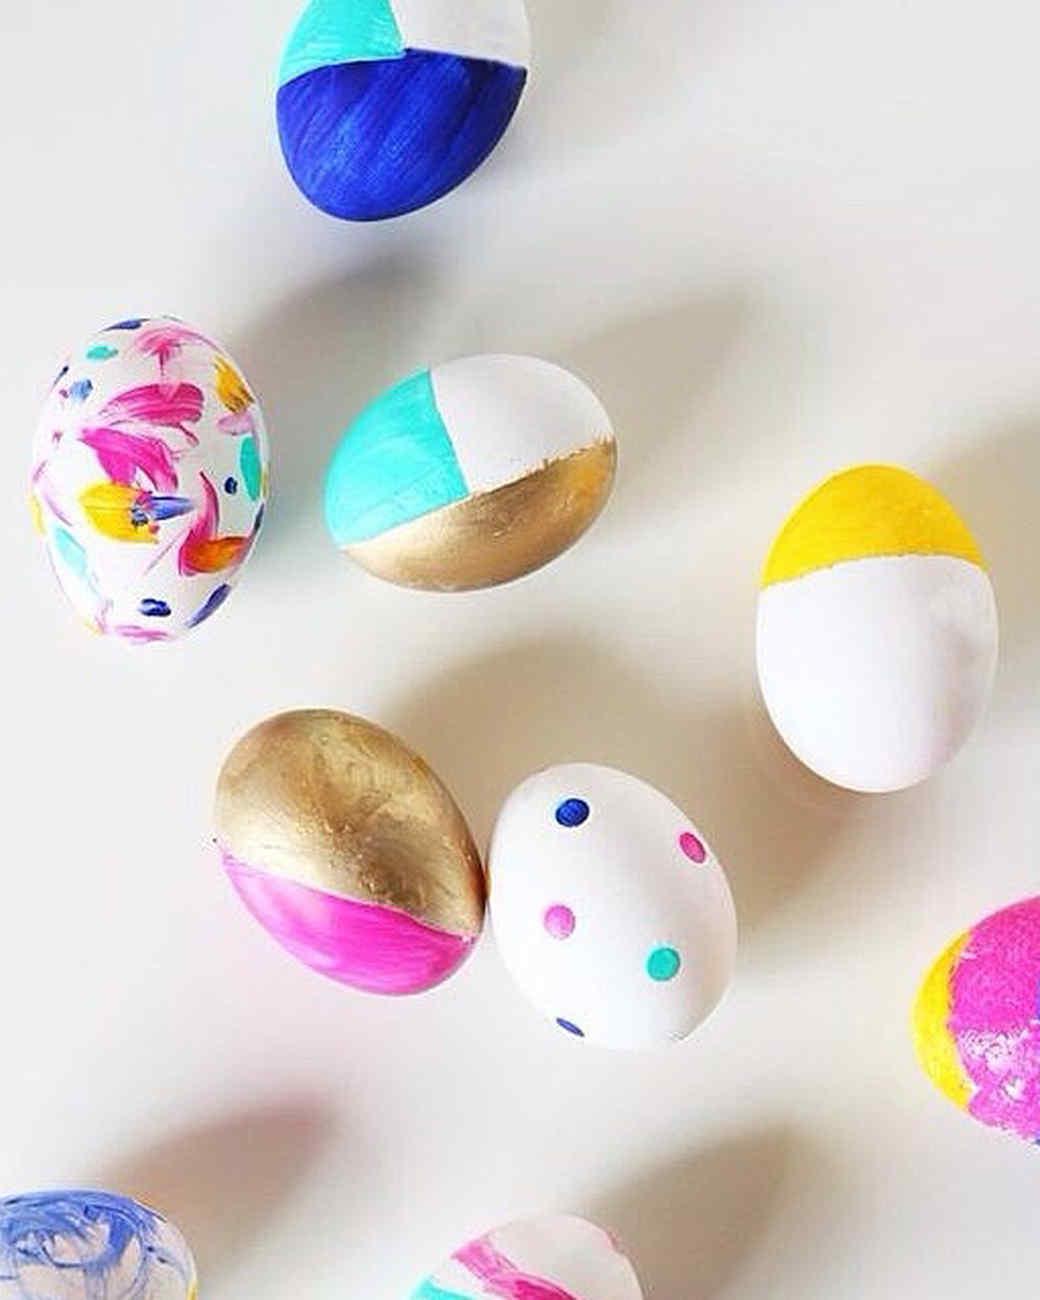 marthas-egg-hunt-pencilshavings-0414.jpg